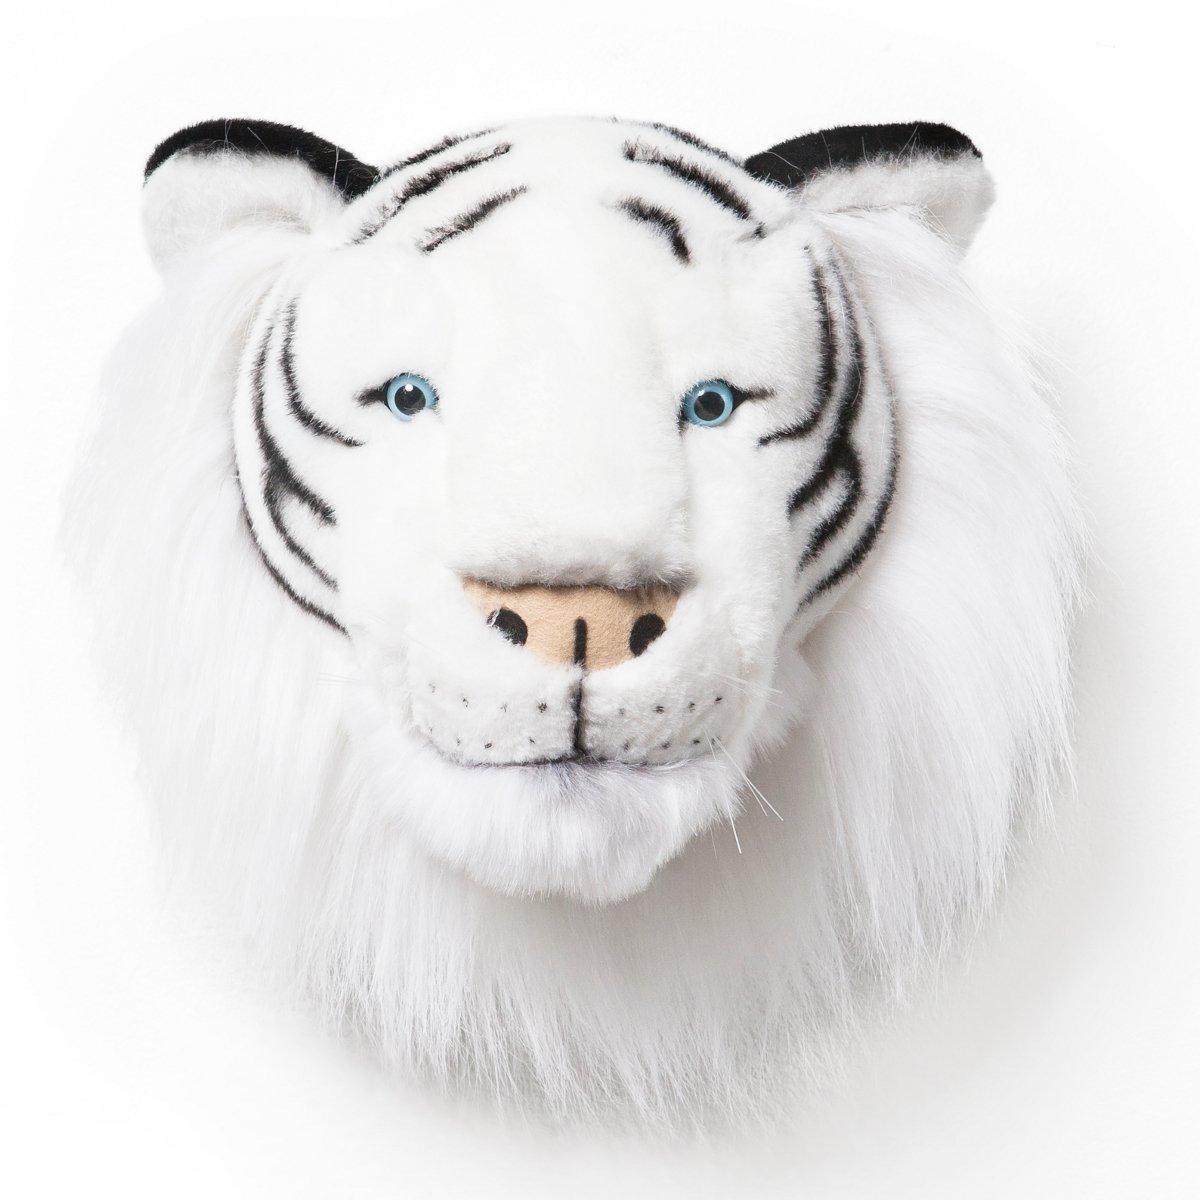 Weisser Tiger Albert - Plüschtier als Wanddekoration im Kinderzimmer